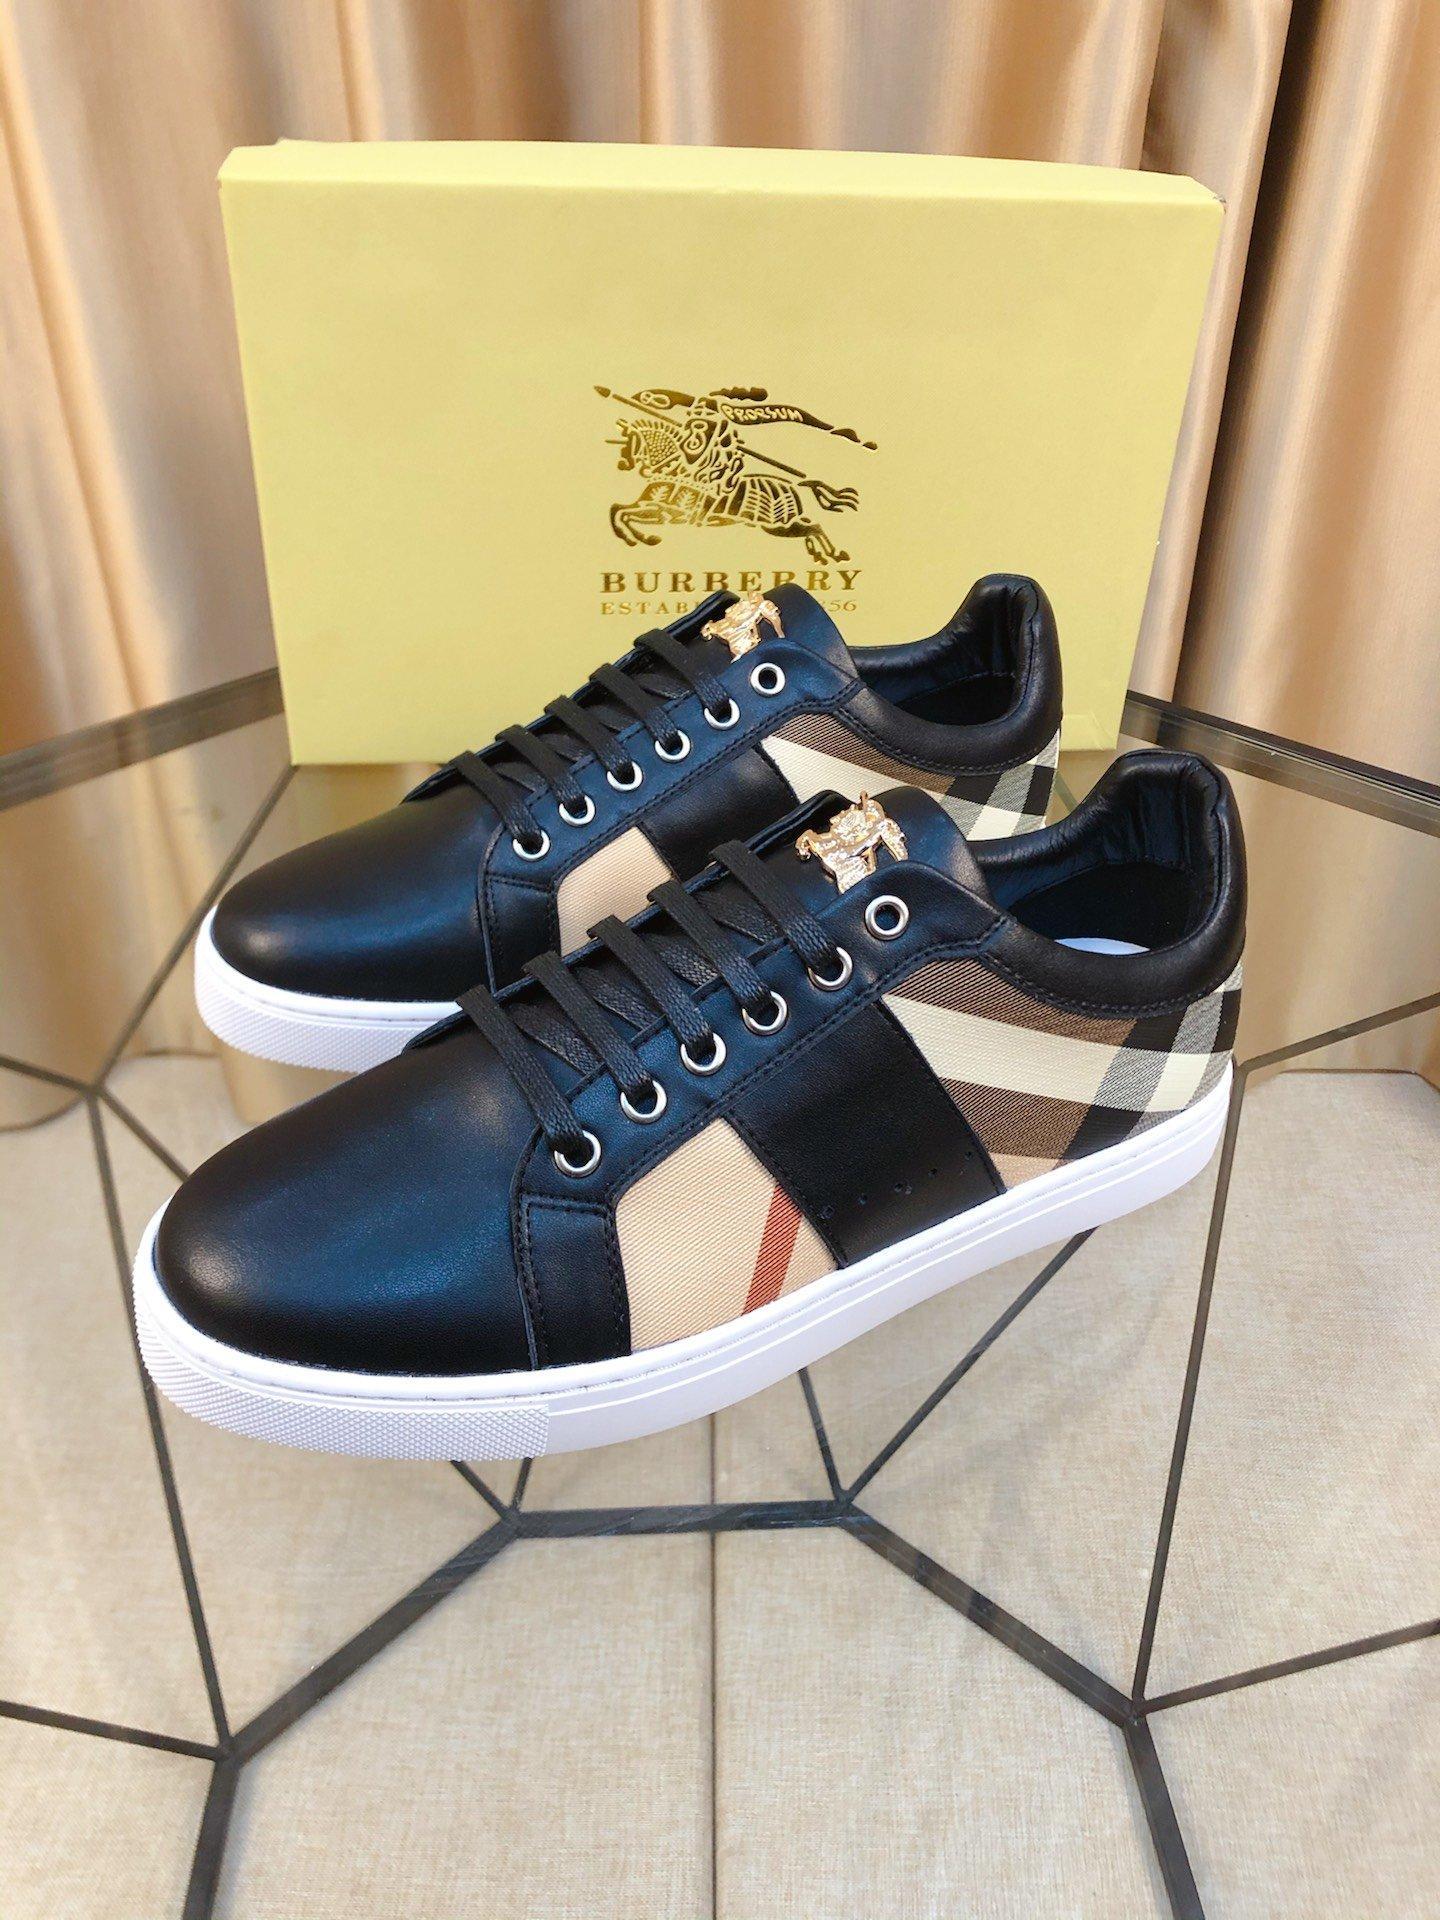 New295 luxo calçados masculinos casuais de alta qualidade da moda todo-jogo sapatos de desporto ao ar livre confortáveis sapatos de viagem caixa de embalagem original